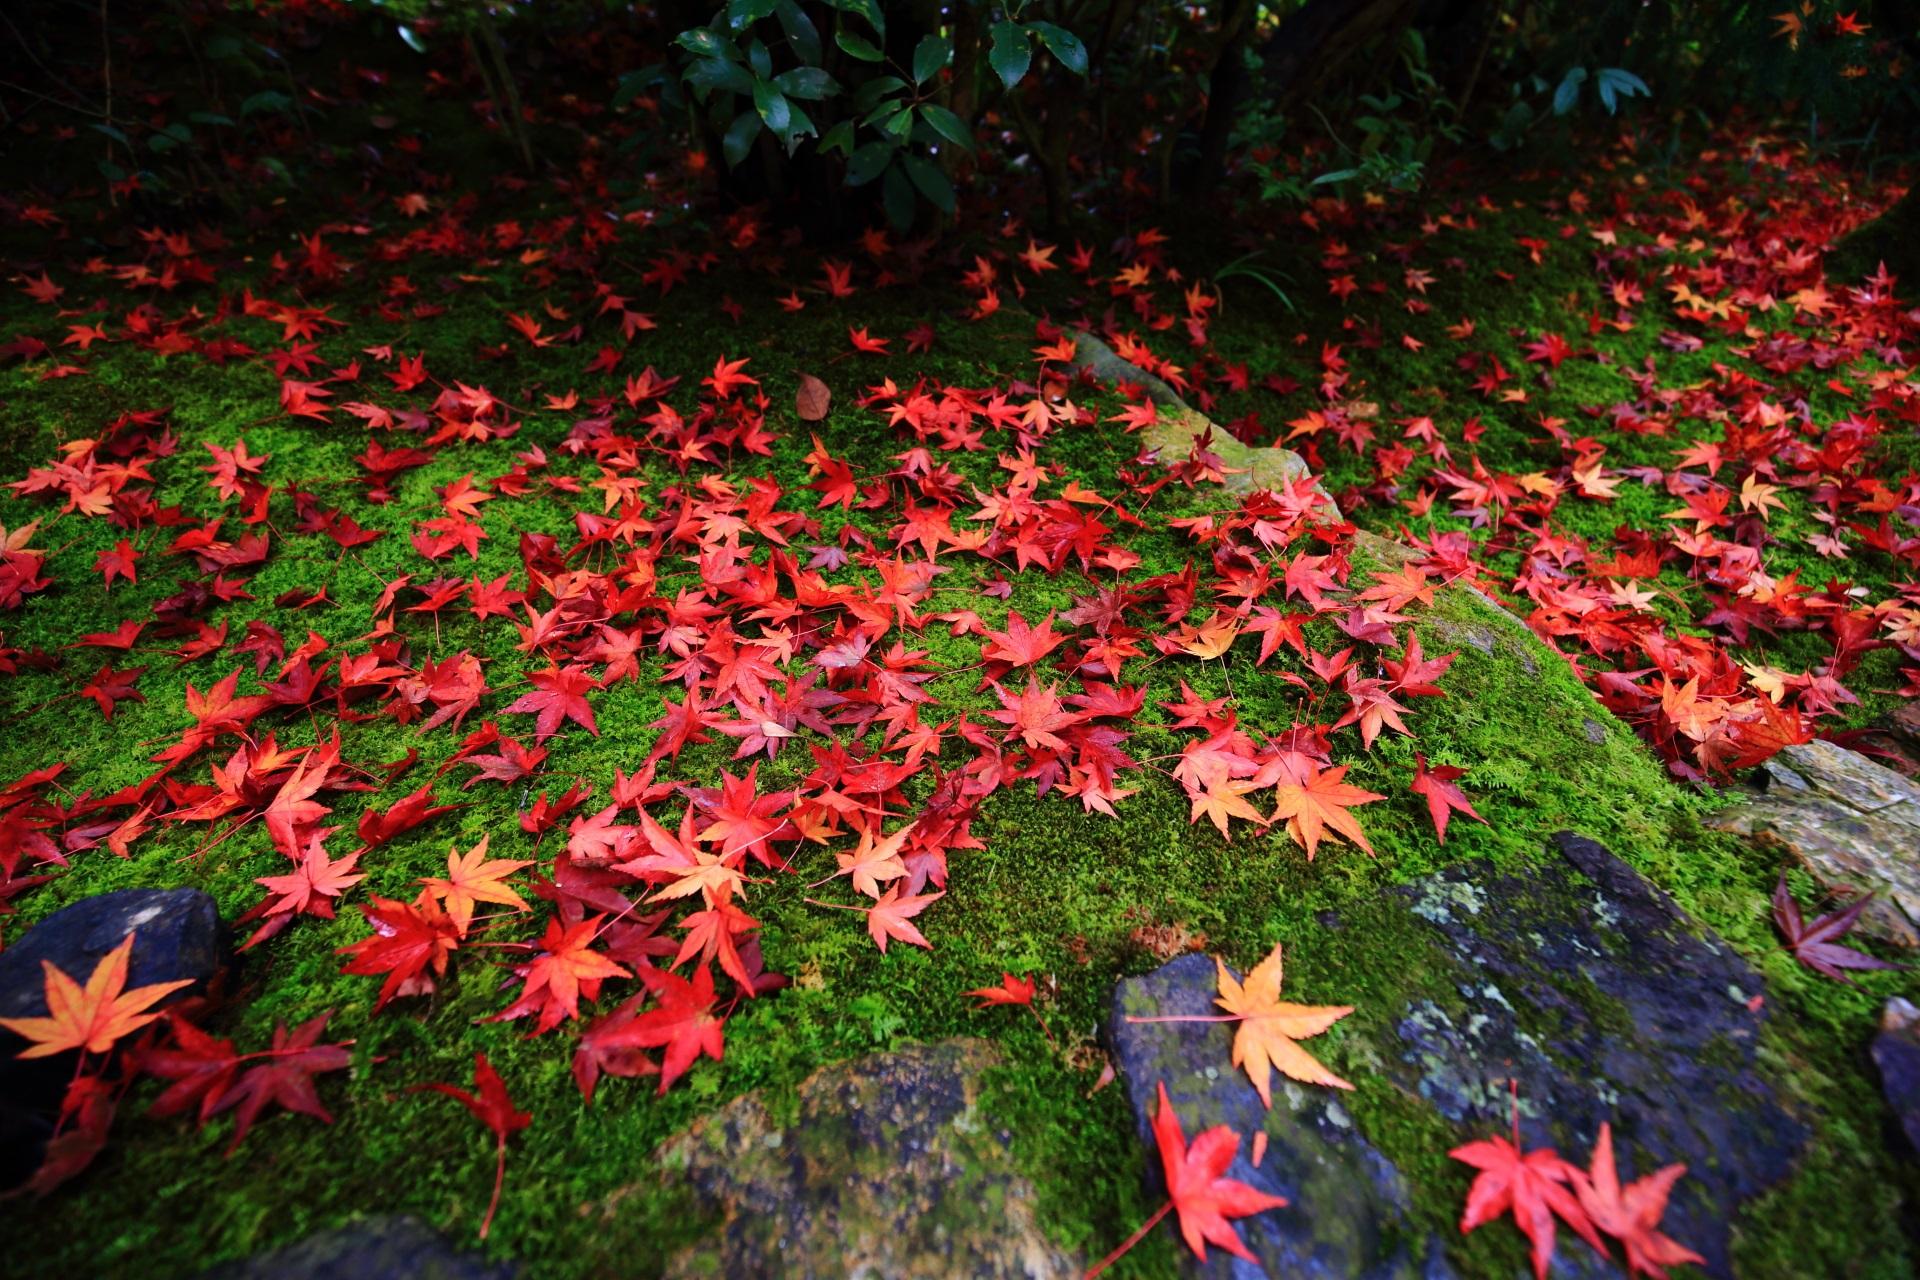 光悦寺の雨上がりの苔を染める極上の散りもみじ